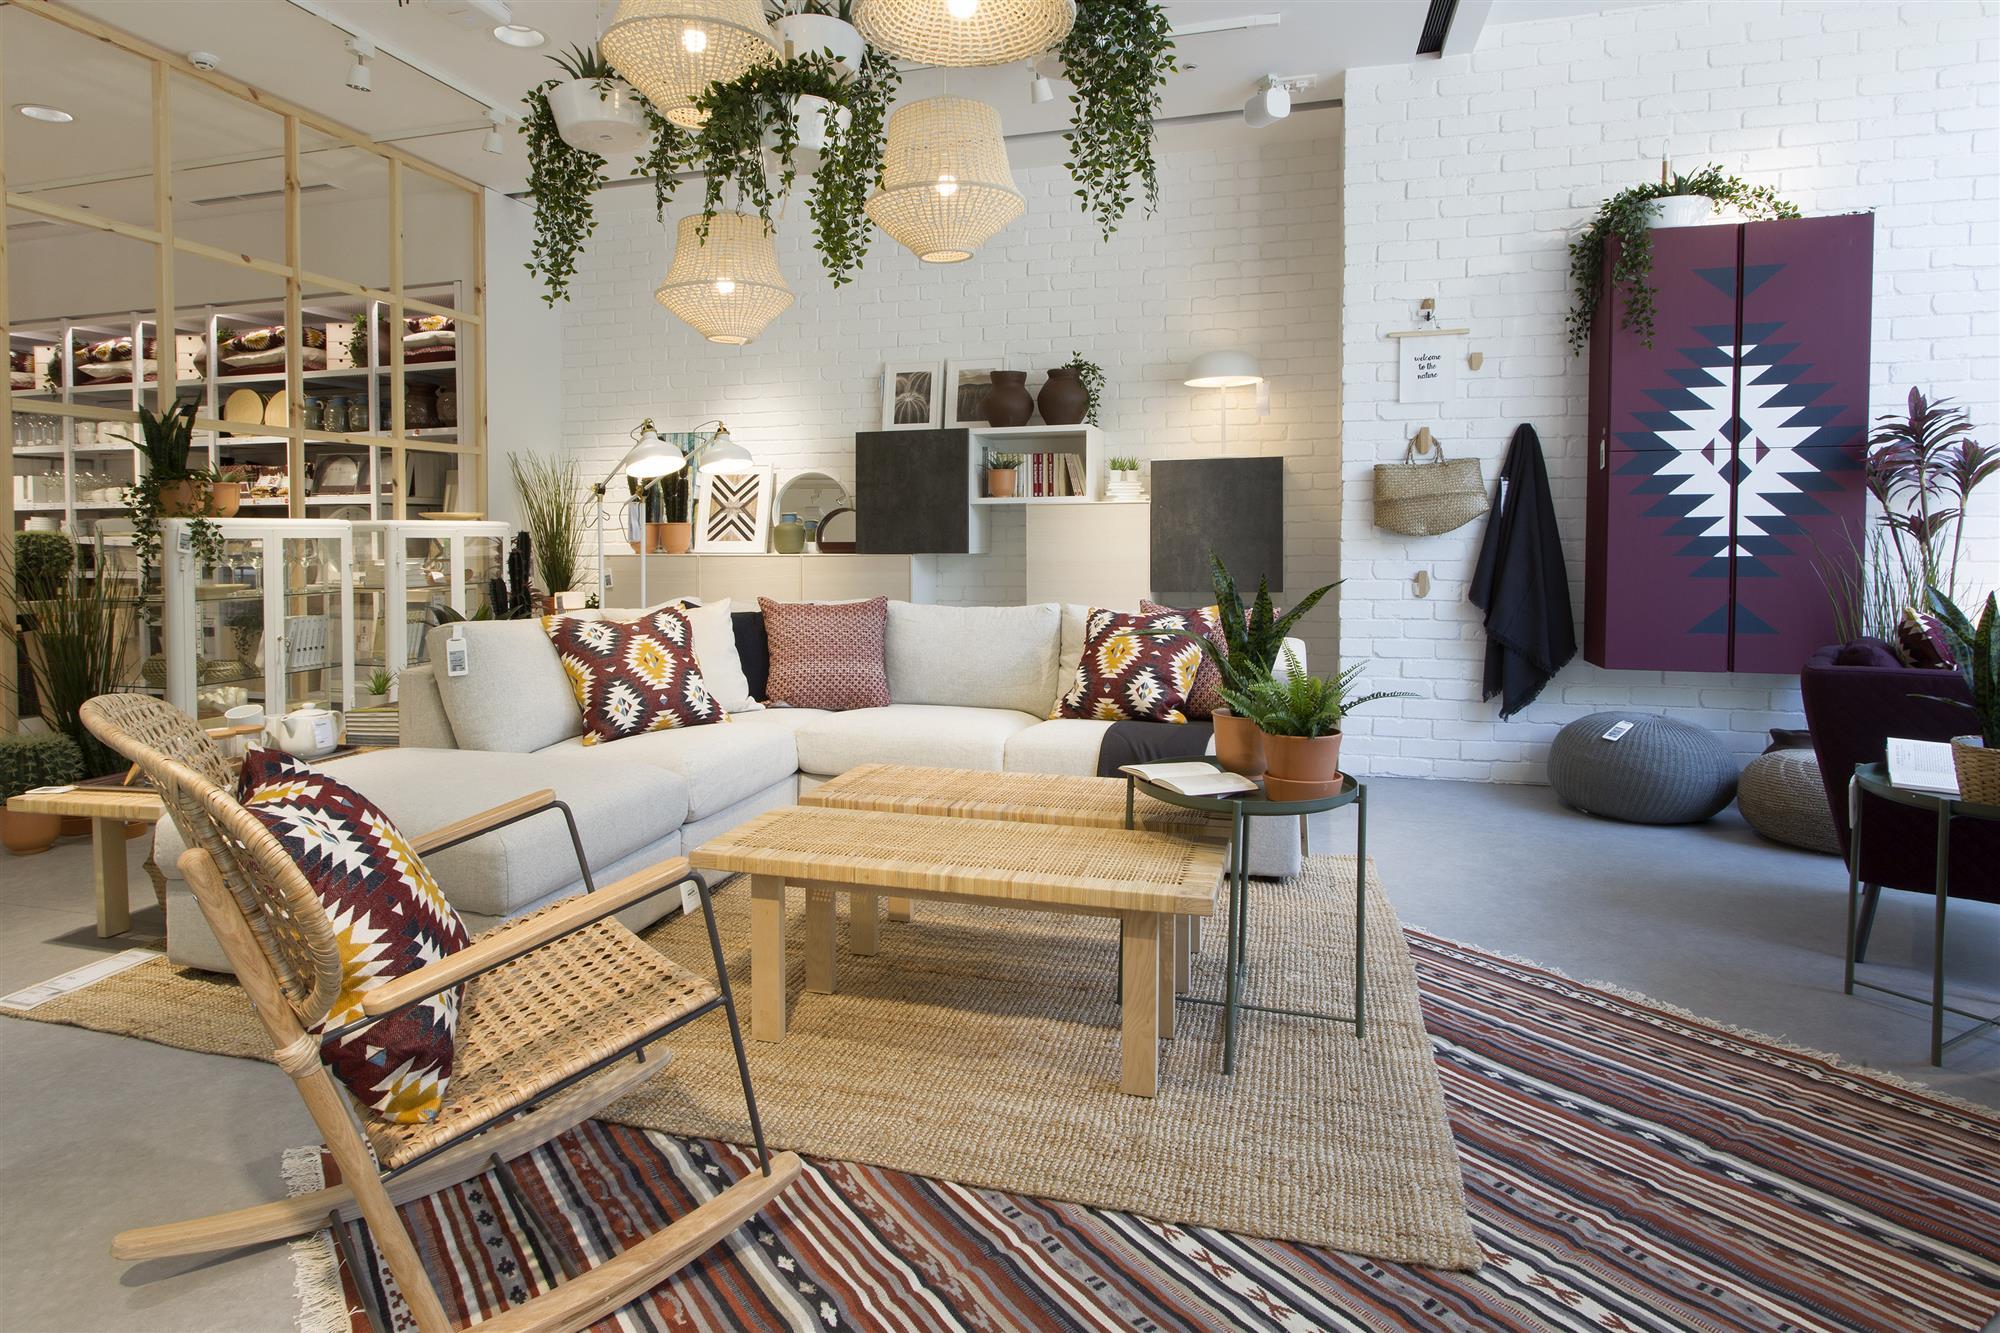 Ikea abre nueva tienda en madrid - Salon pequeno ikea ...